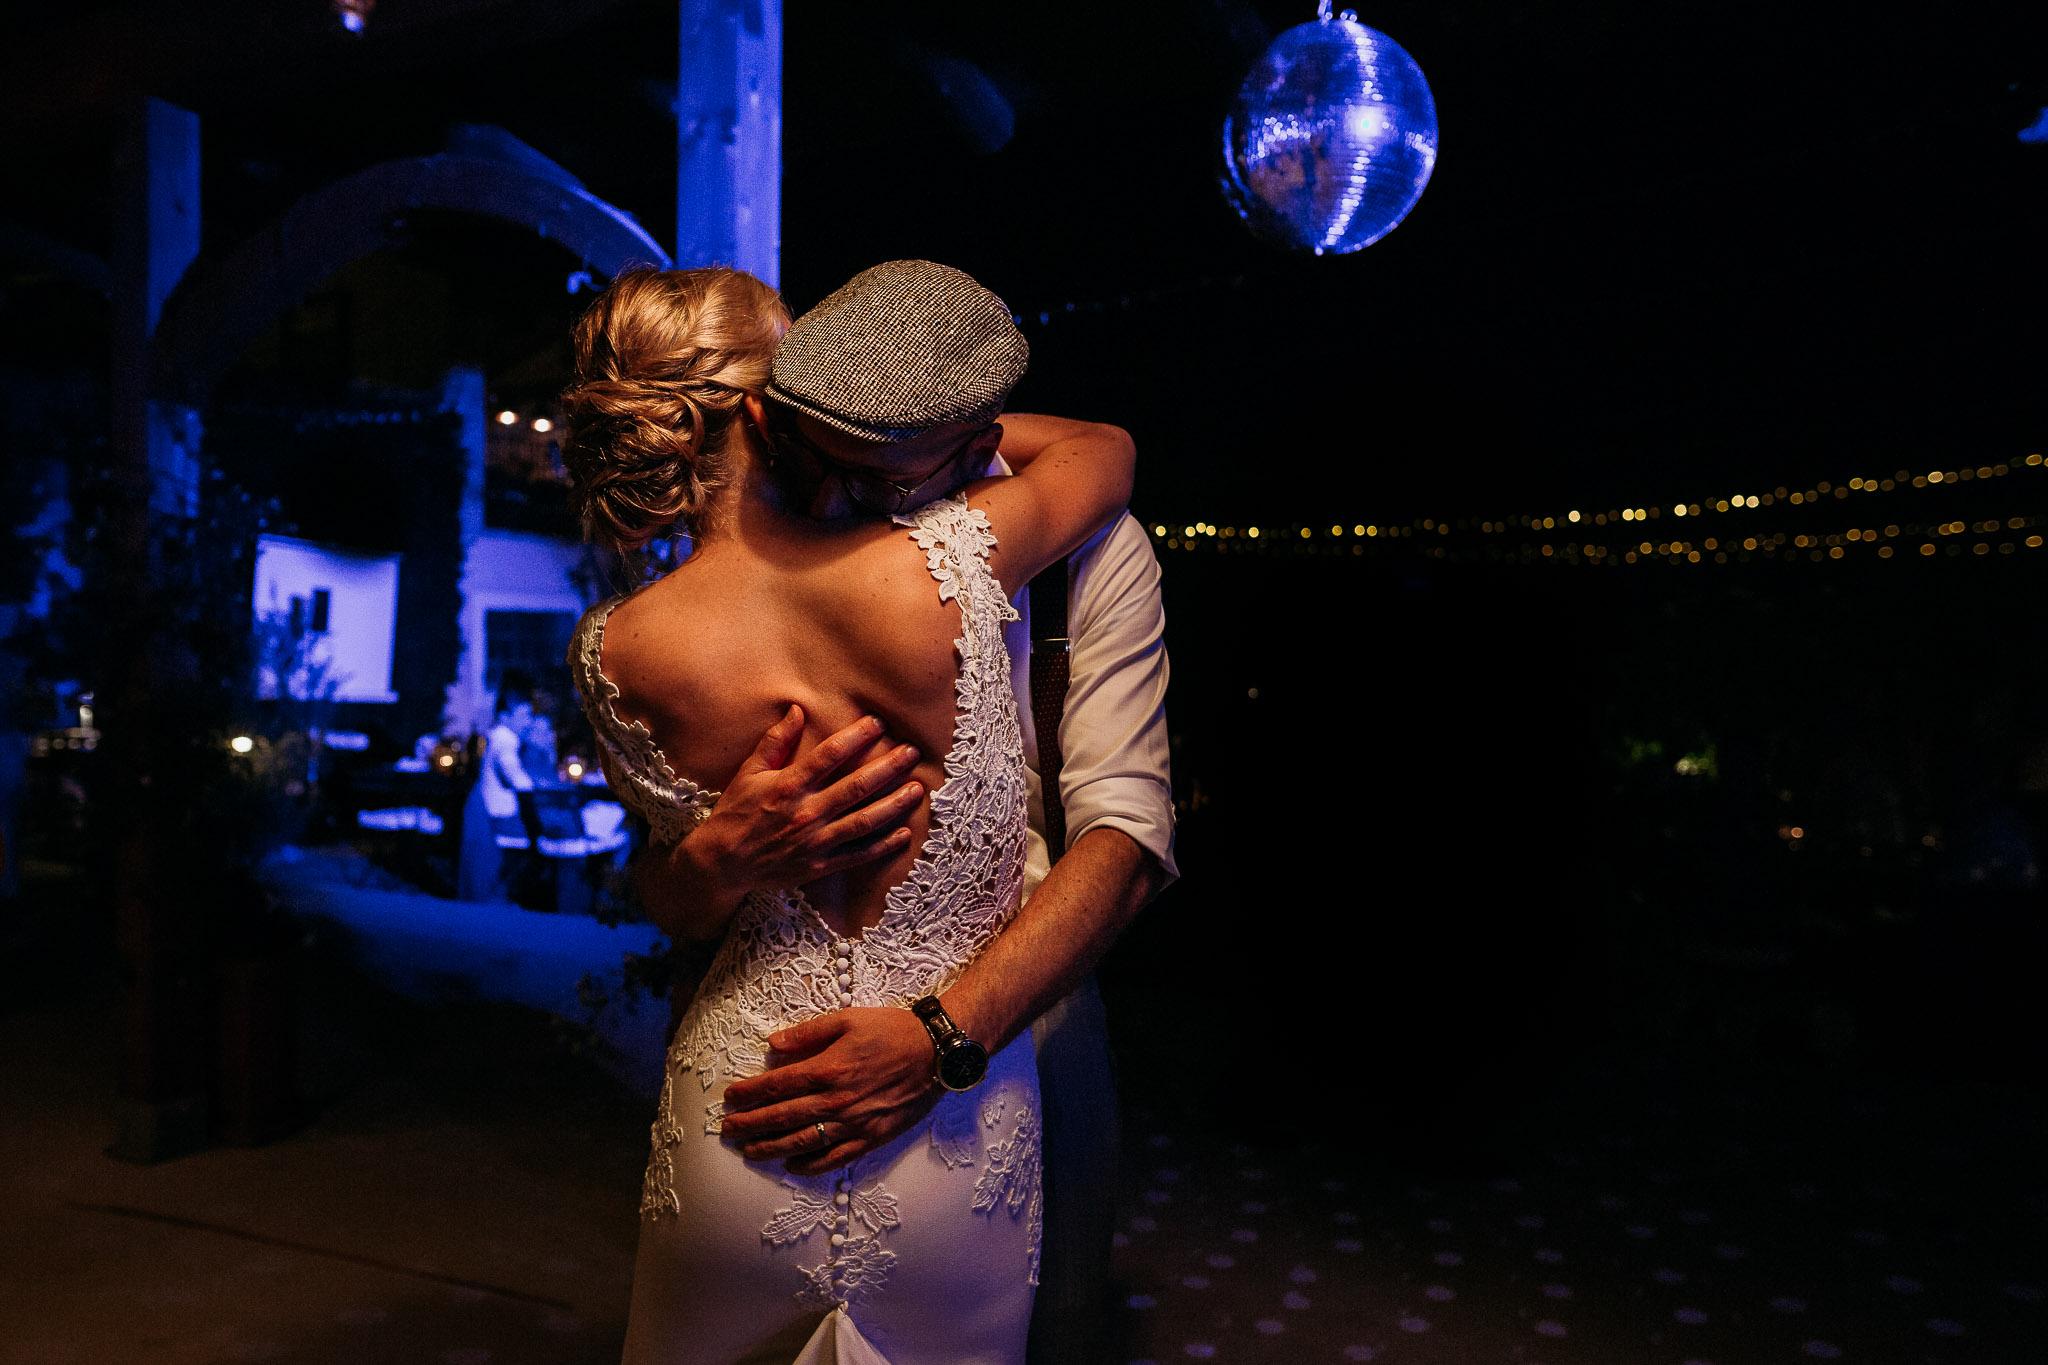 Beautiful romantic first dance at the wedding day at La Villa Hotel, Mombaruzzo